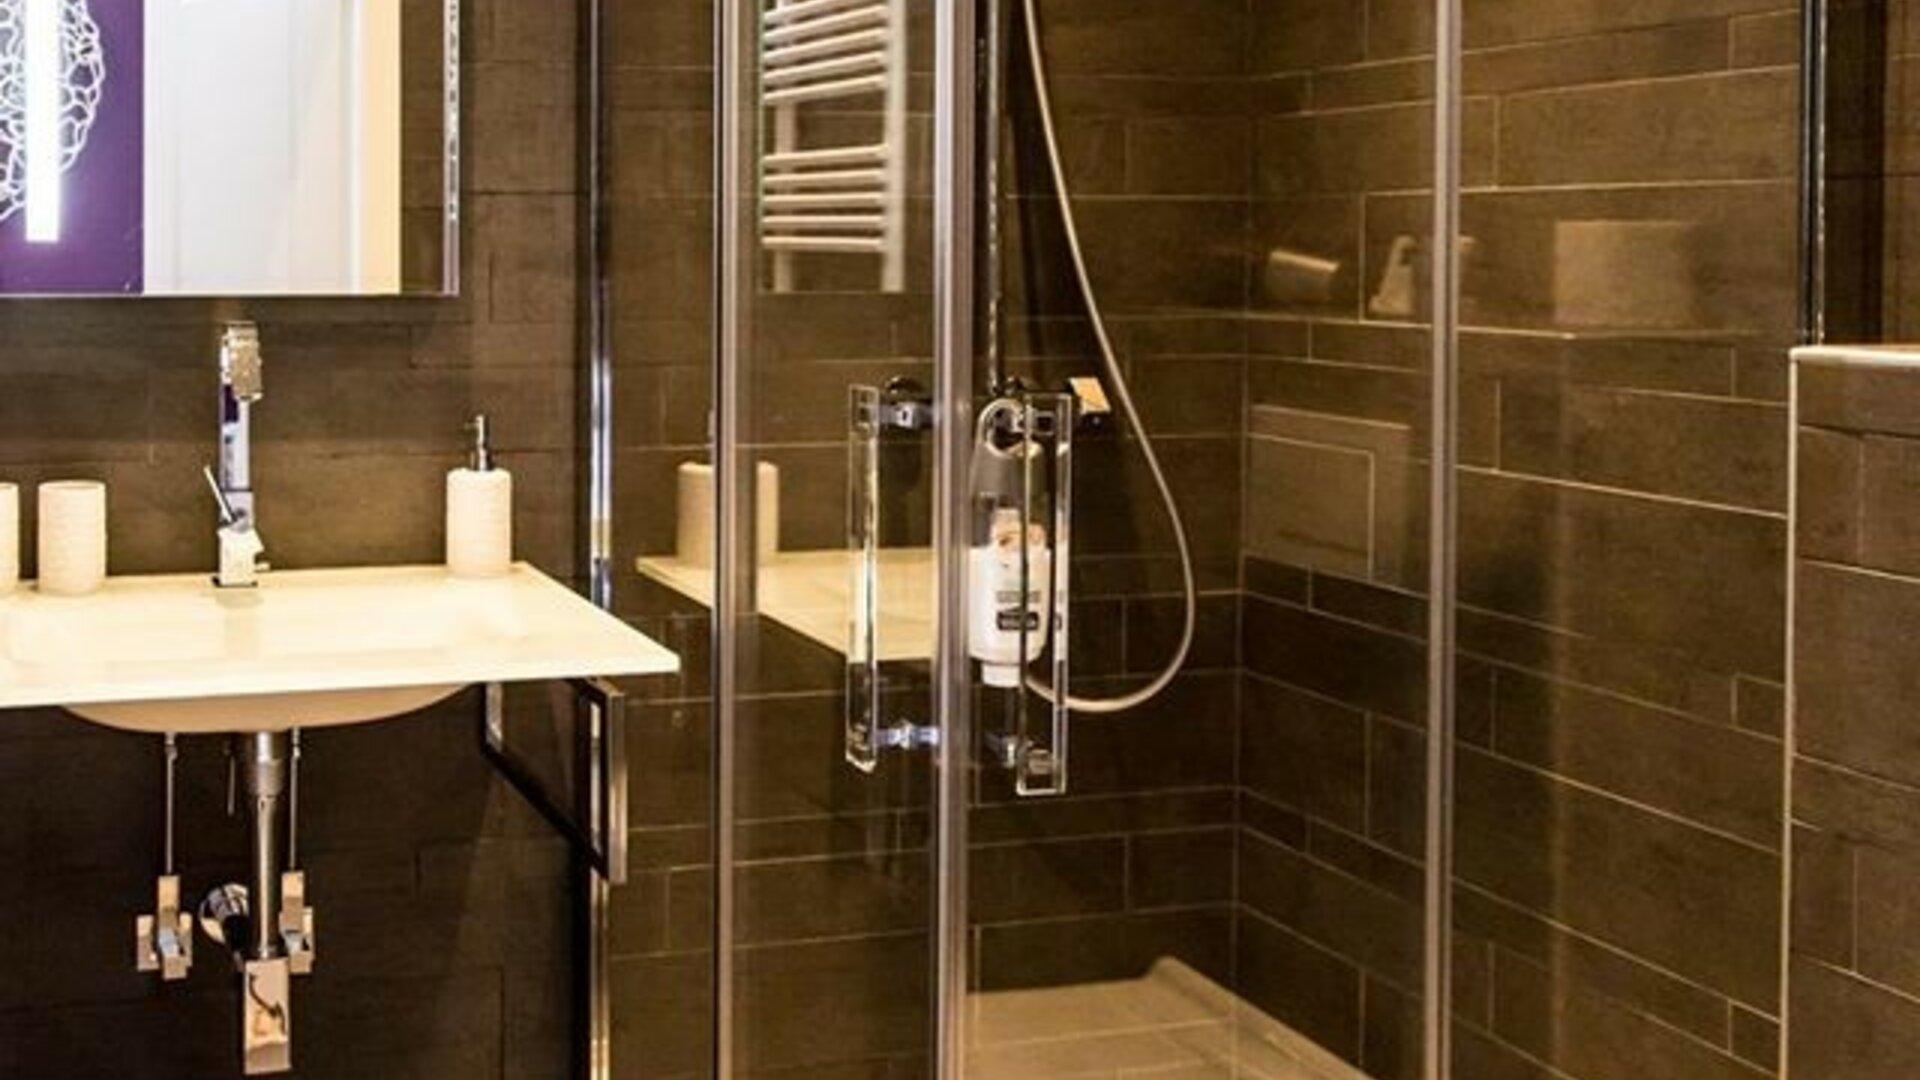 Hete avonturen in hun ruime badkamer